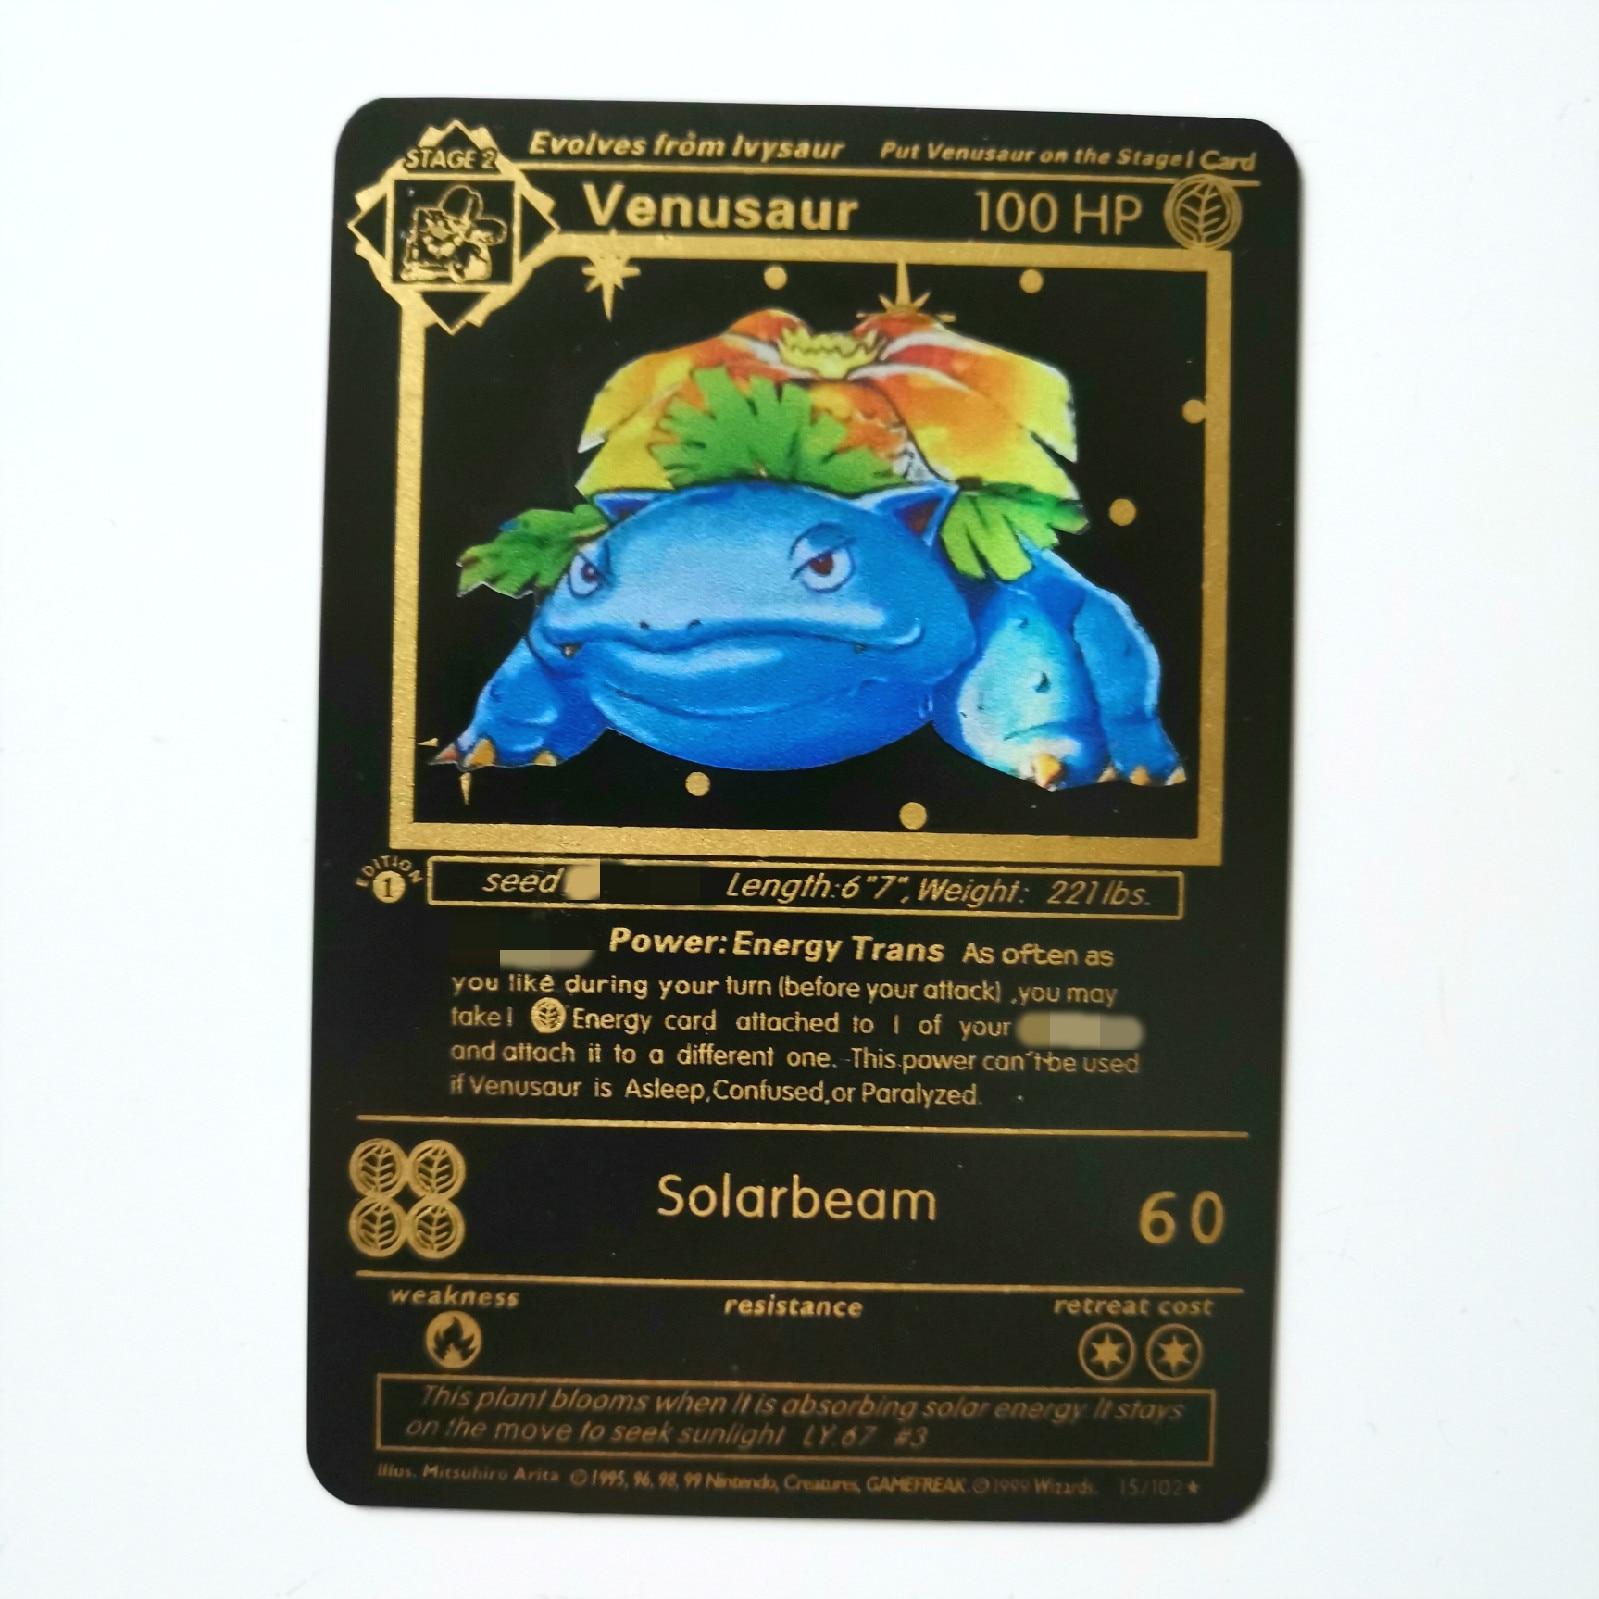 Dragon Ball золотая металлическая карточка супер игра Коллекция аниме-открытки игра детская игрушка - Цвет: hei zhong zi